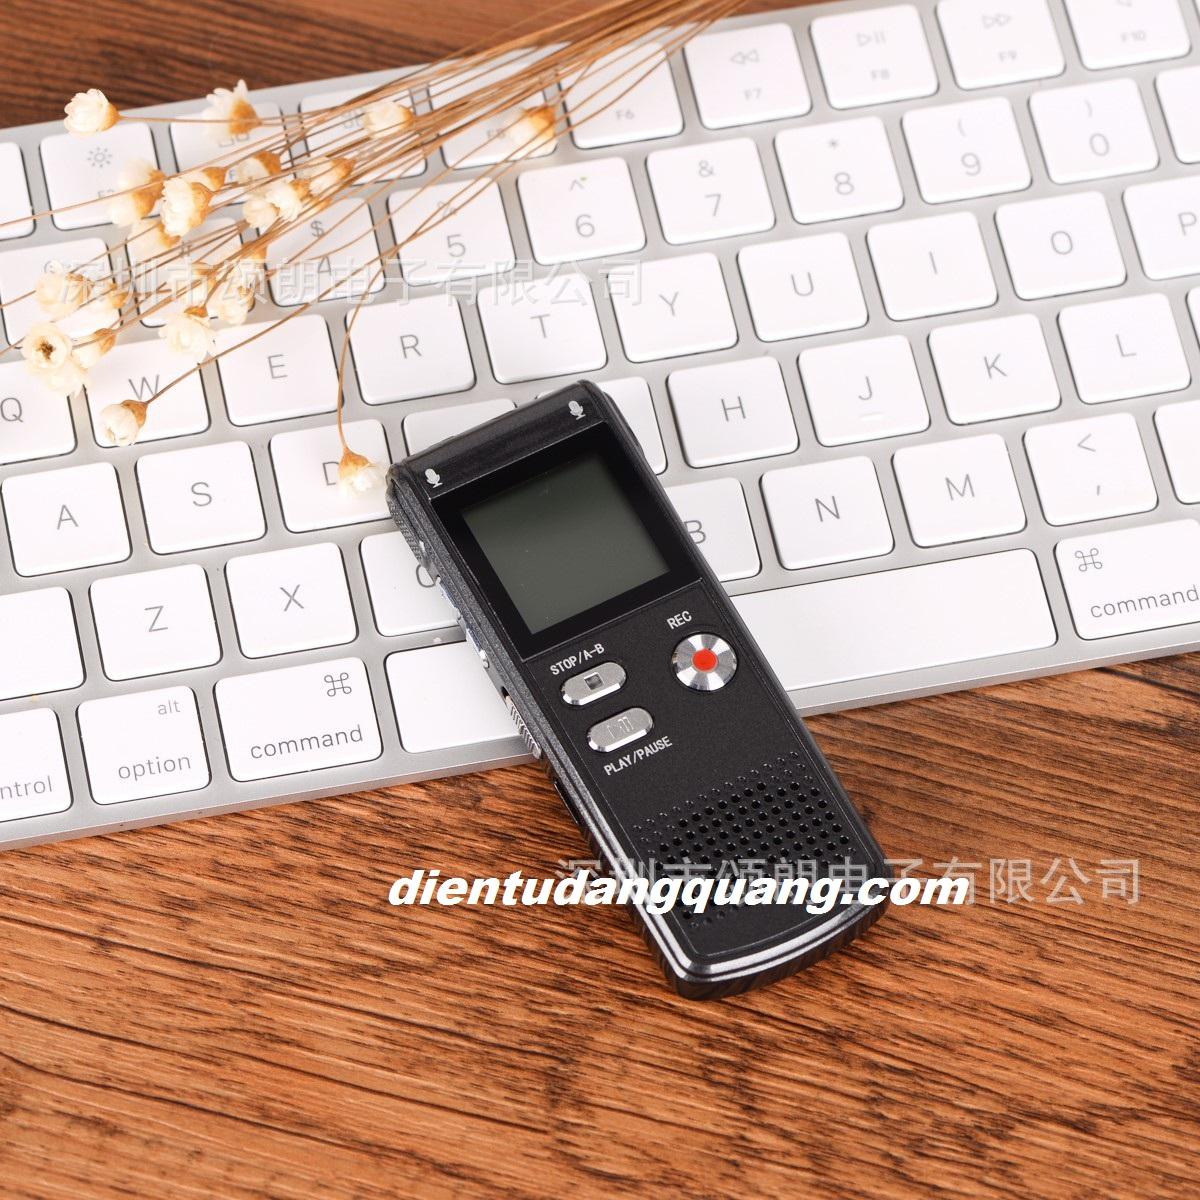 Mẫu ghi âm RV09 8GB giá rẻ, bền, nhỏ gọn, cao cấp RV16 bộ nhớ 16gb có lọc âm.  May-ghi-am-sieu-nho